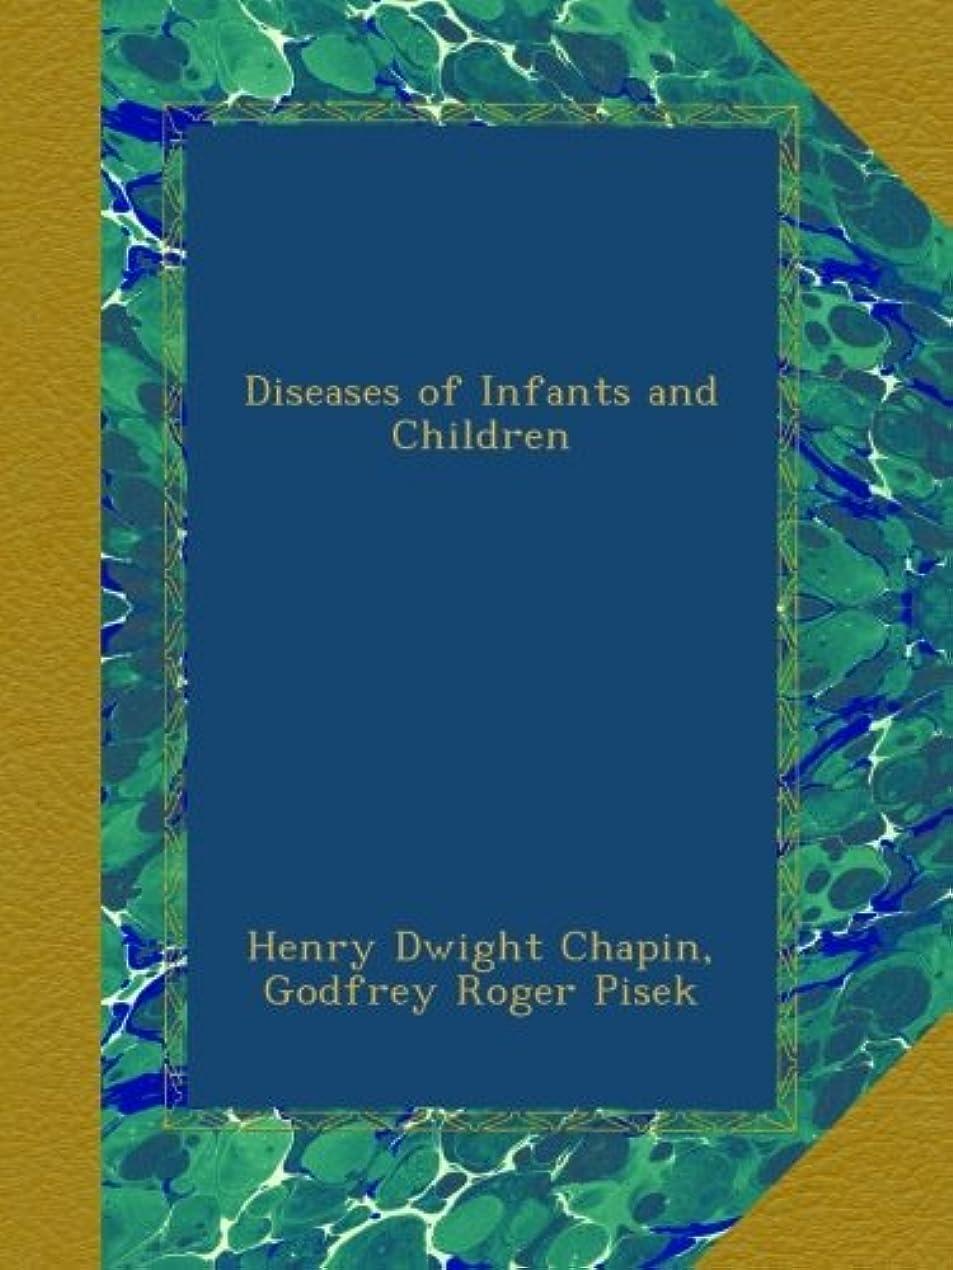 ガイダンス複雑な破壊的Diseases of Infants and Children